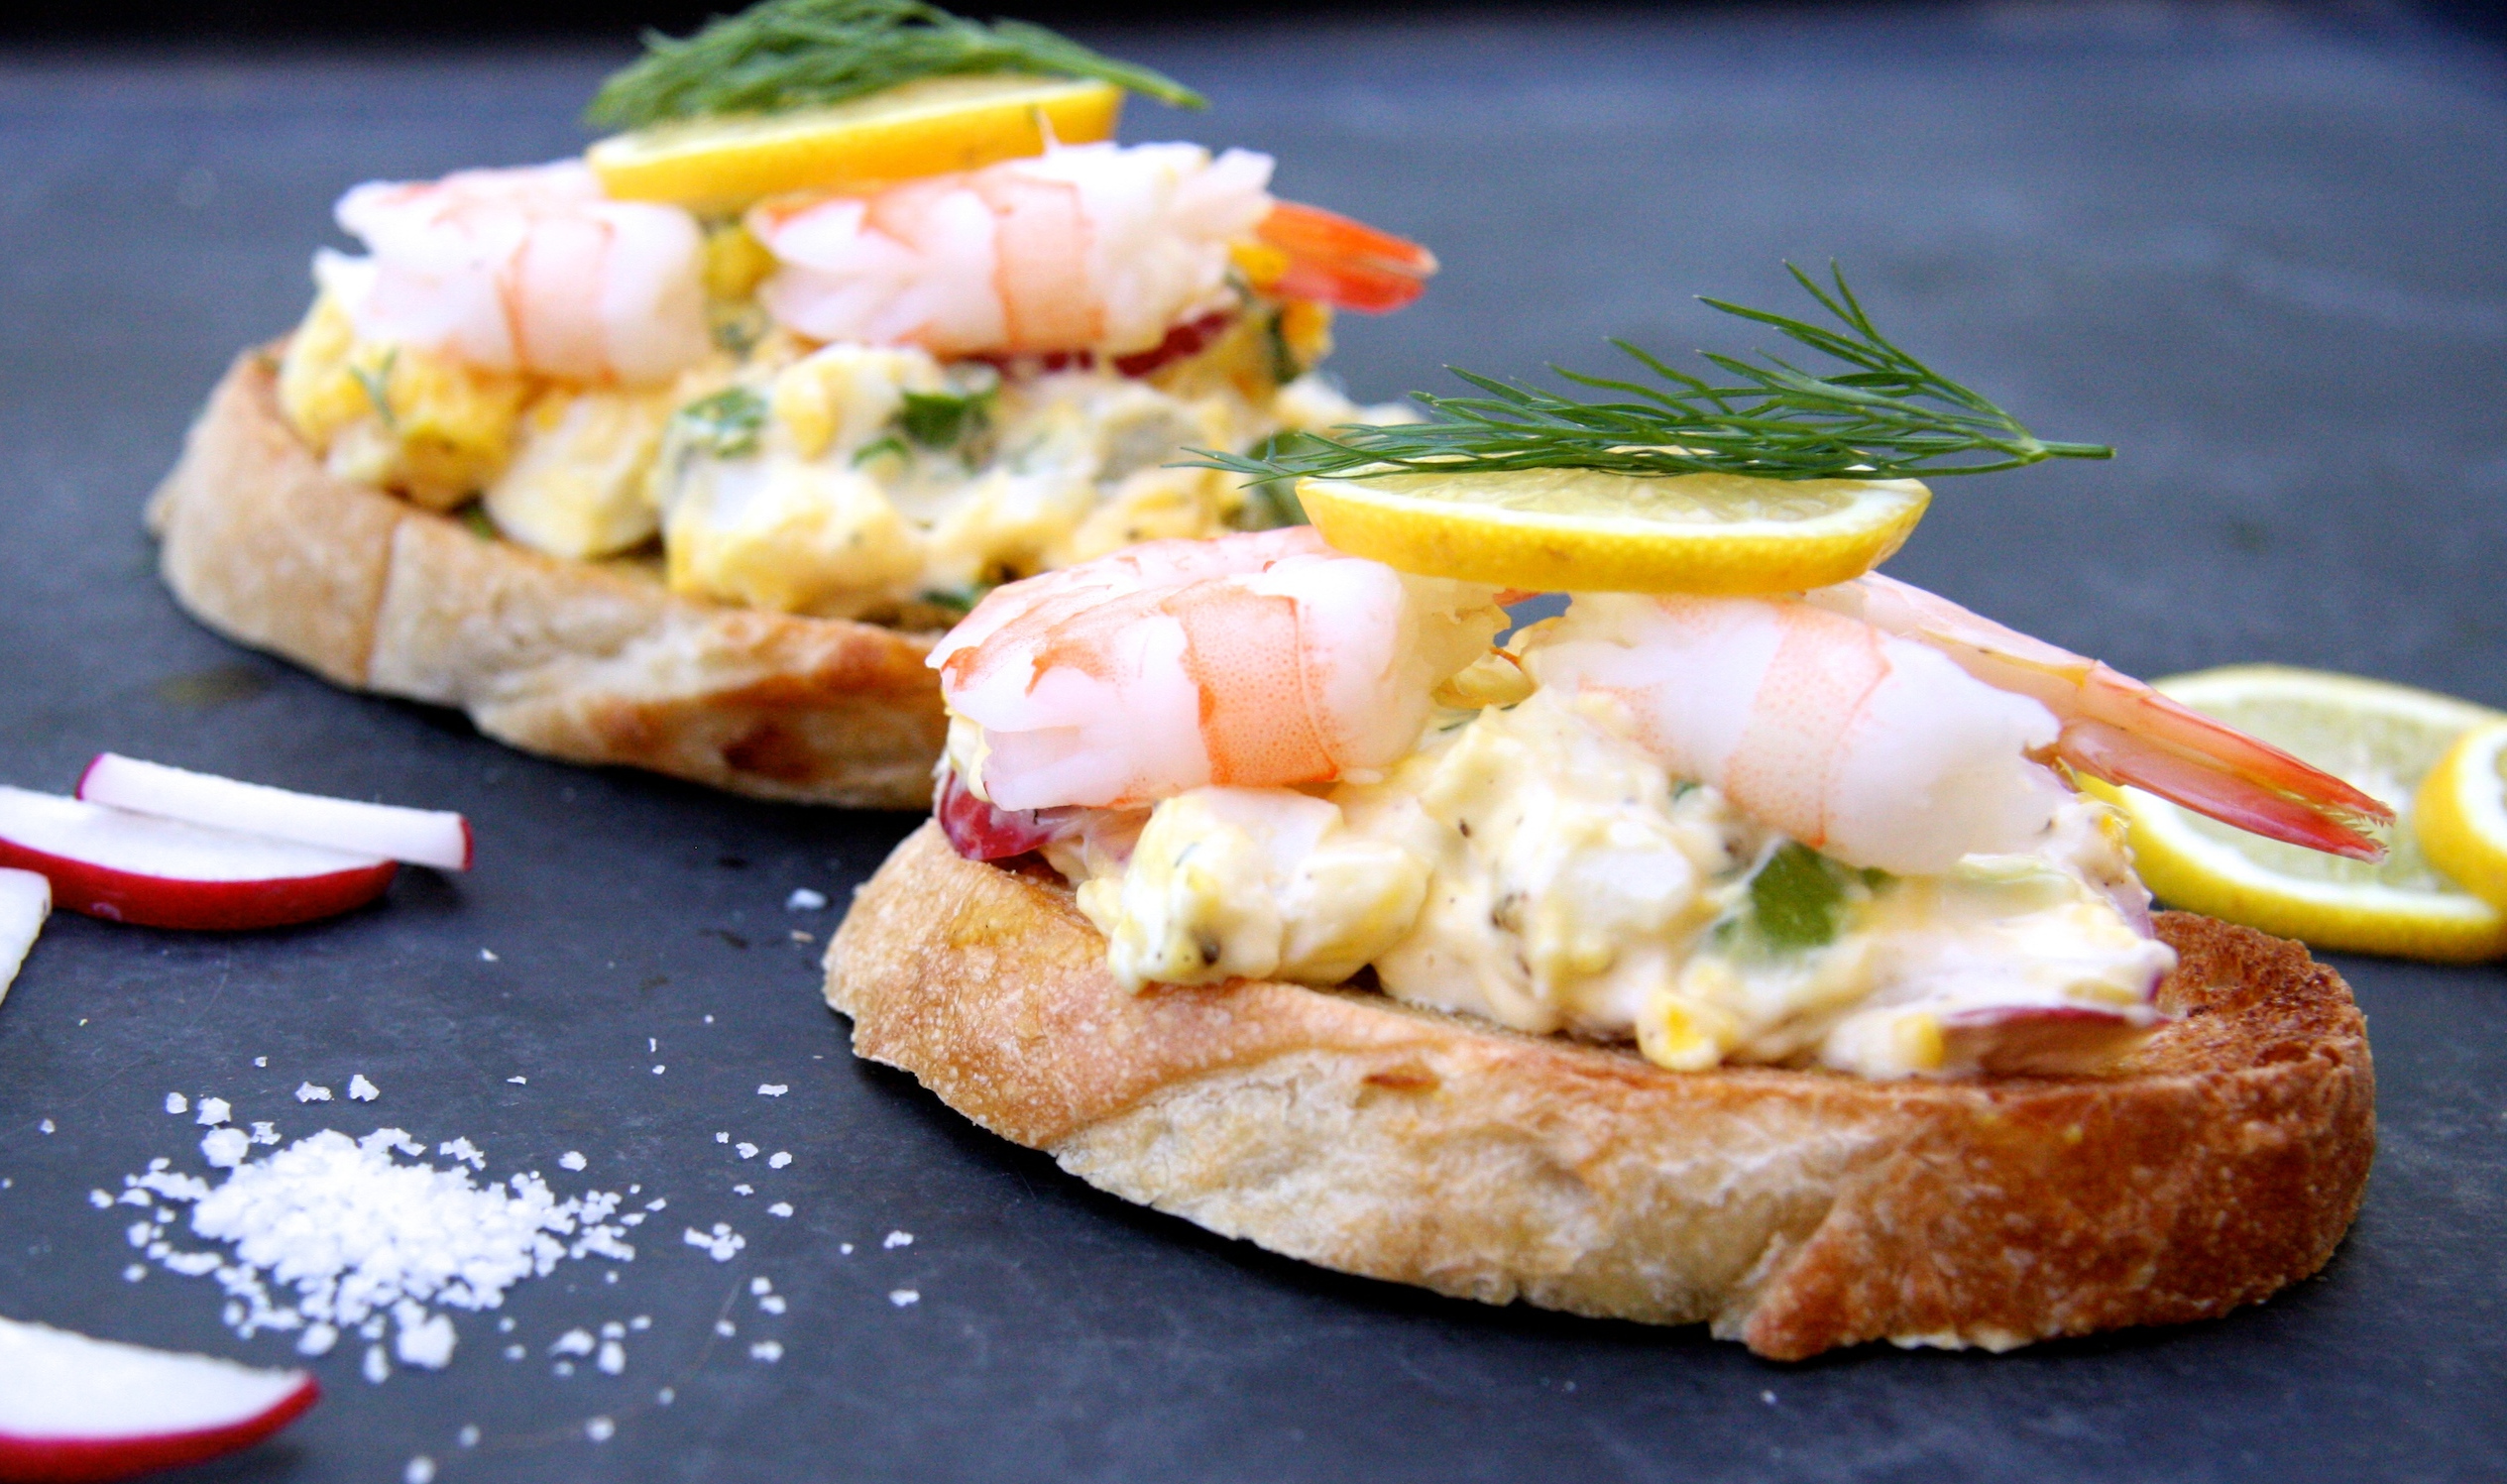 Ces tartines de salade aux œufs et crevettes sont absolument délicieuse :)